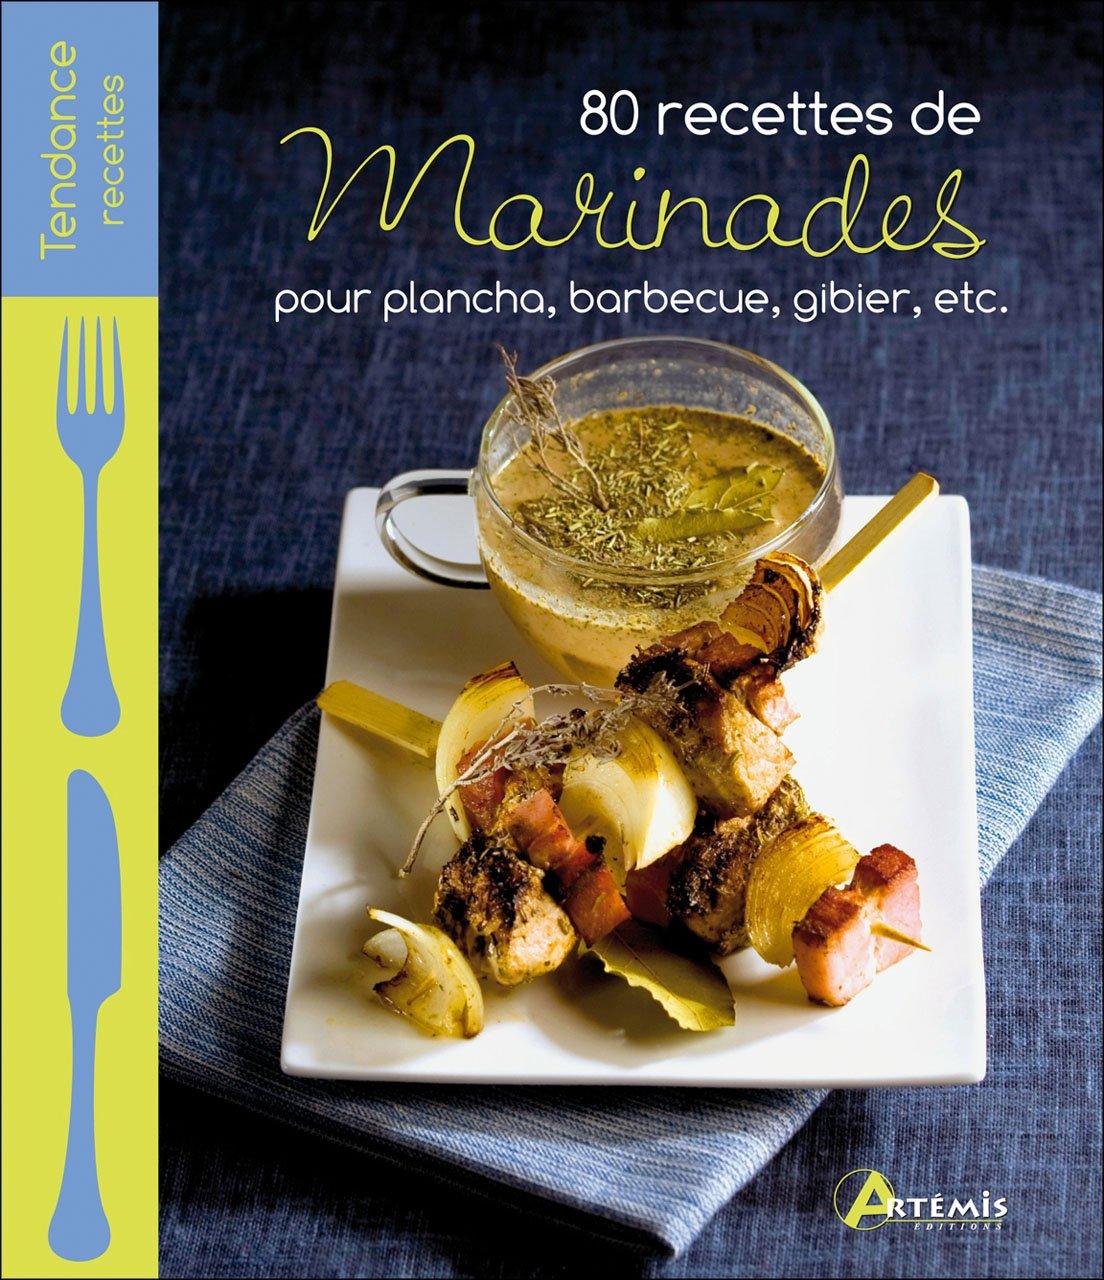 80 recettes de marinades pour plancha, barbecue, gibier, etc.